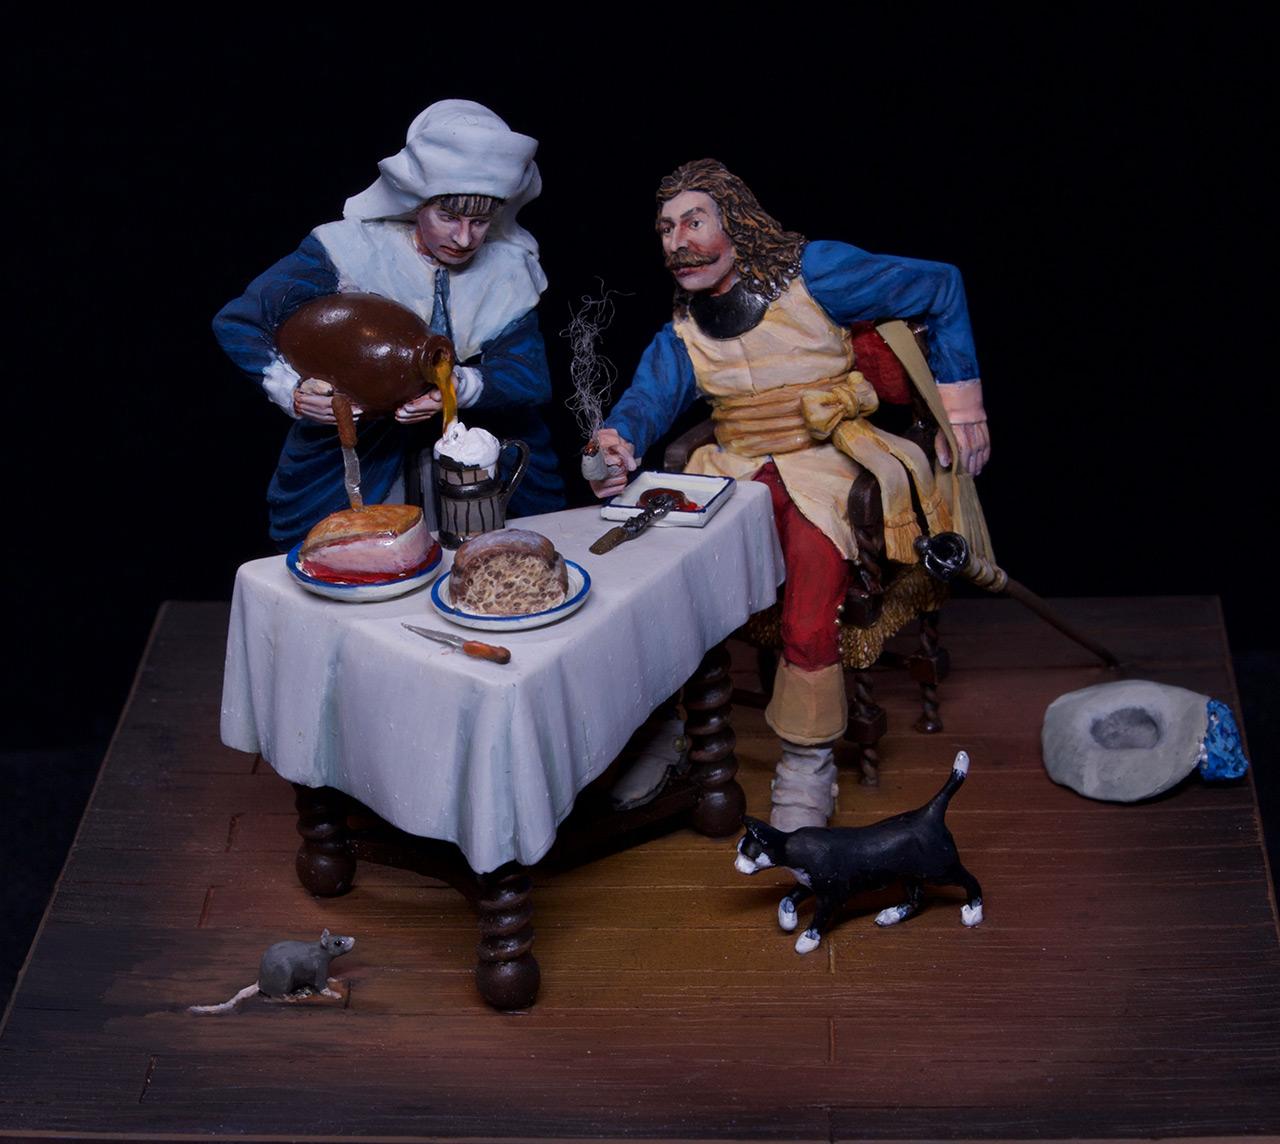 Диорамы и виньетки: Горничная и кавалер за столом, фото #3